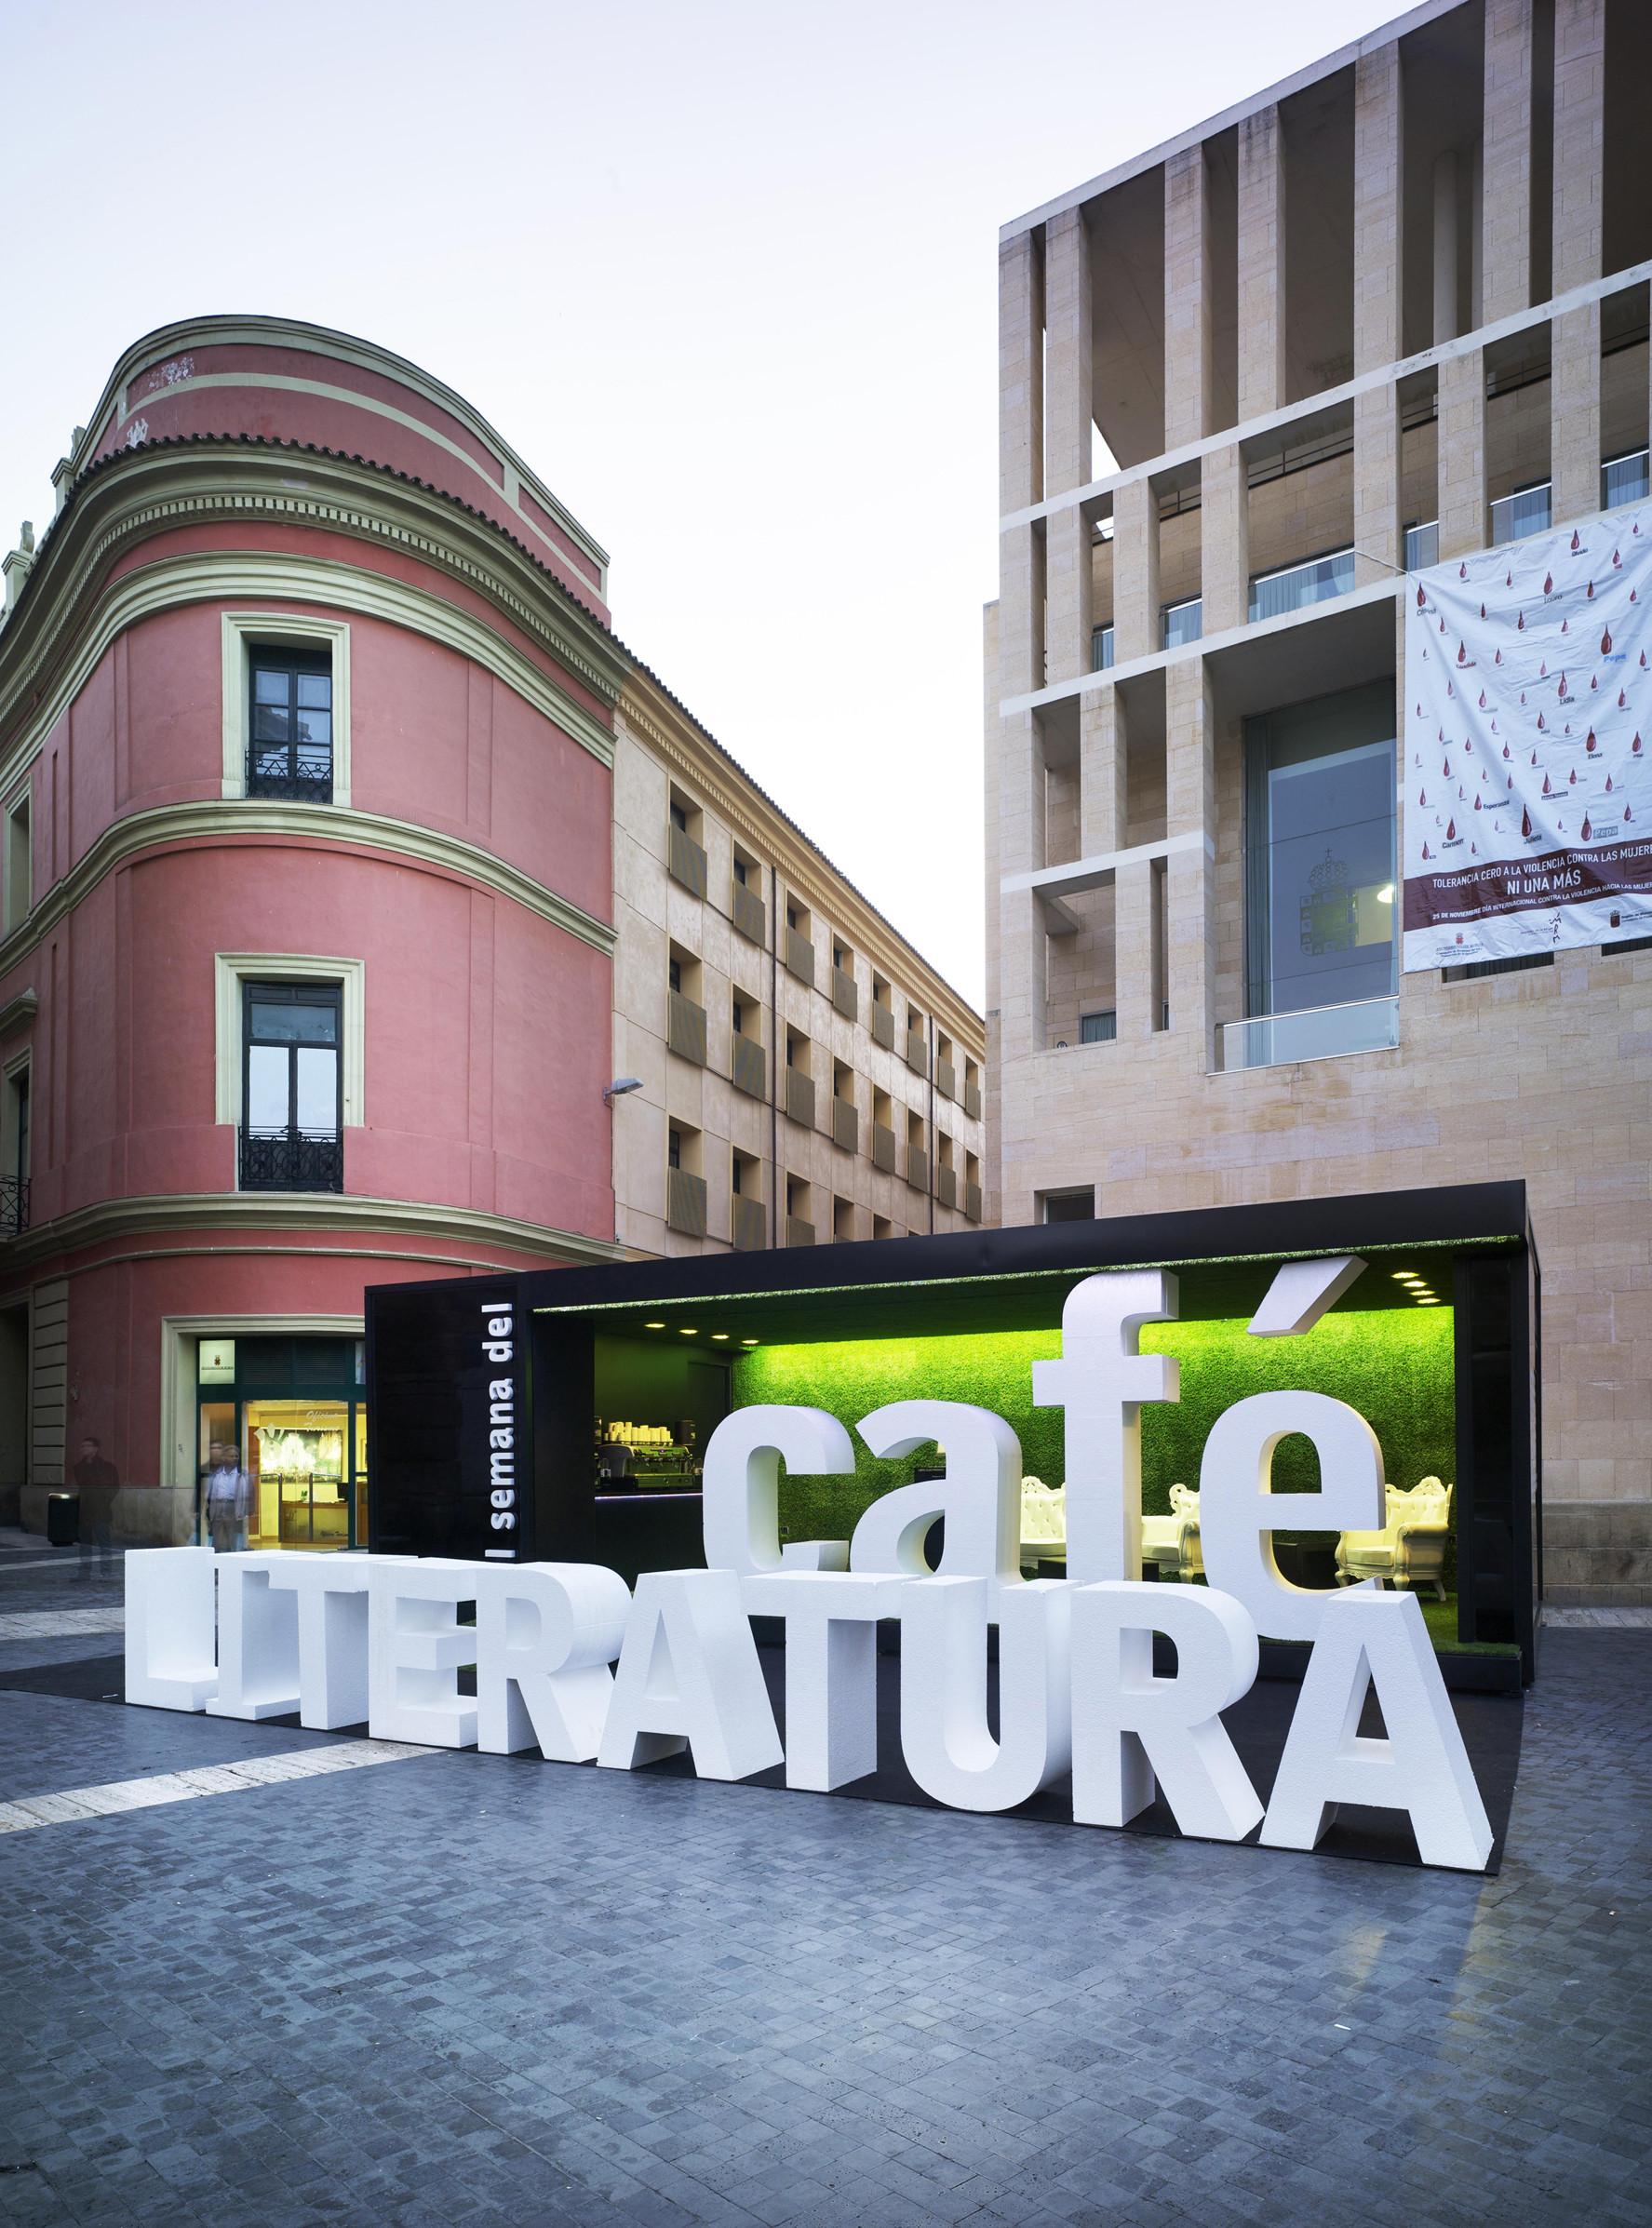 Coffee And Literature Stand / Clavel Arquitectos, © David Frutos Ruiz